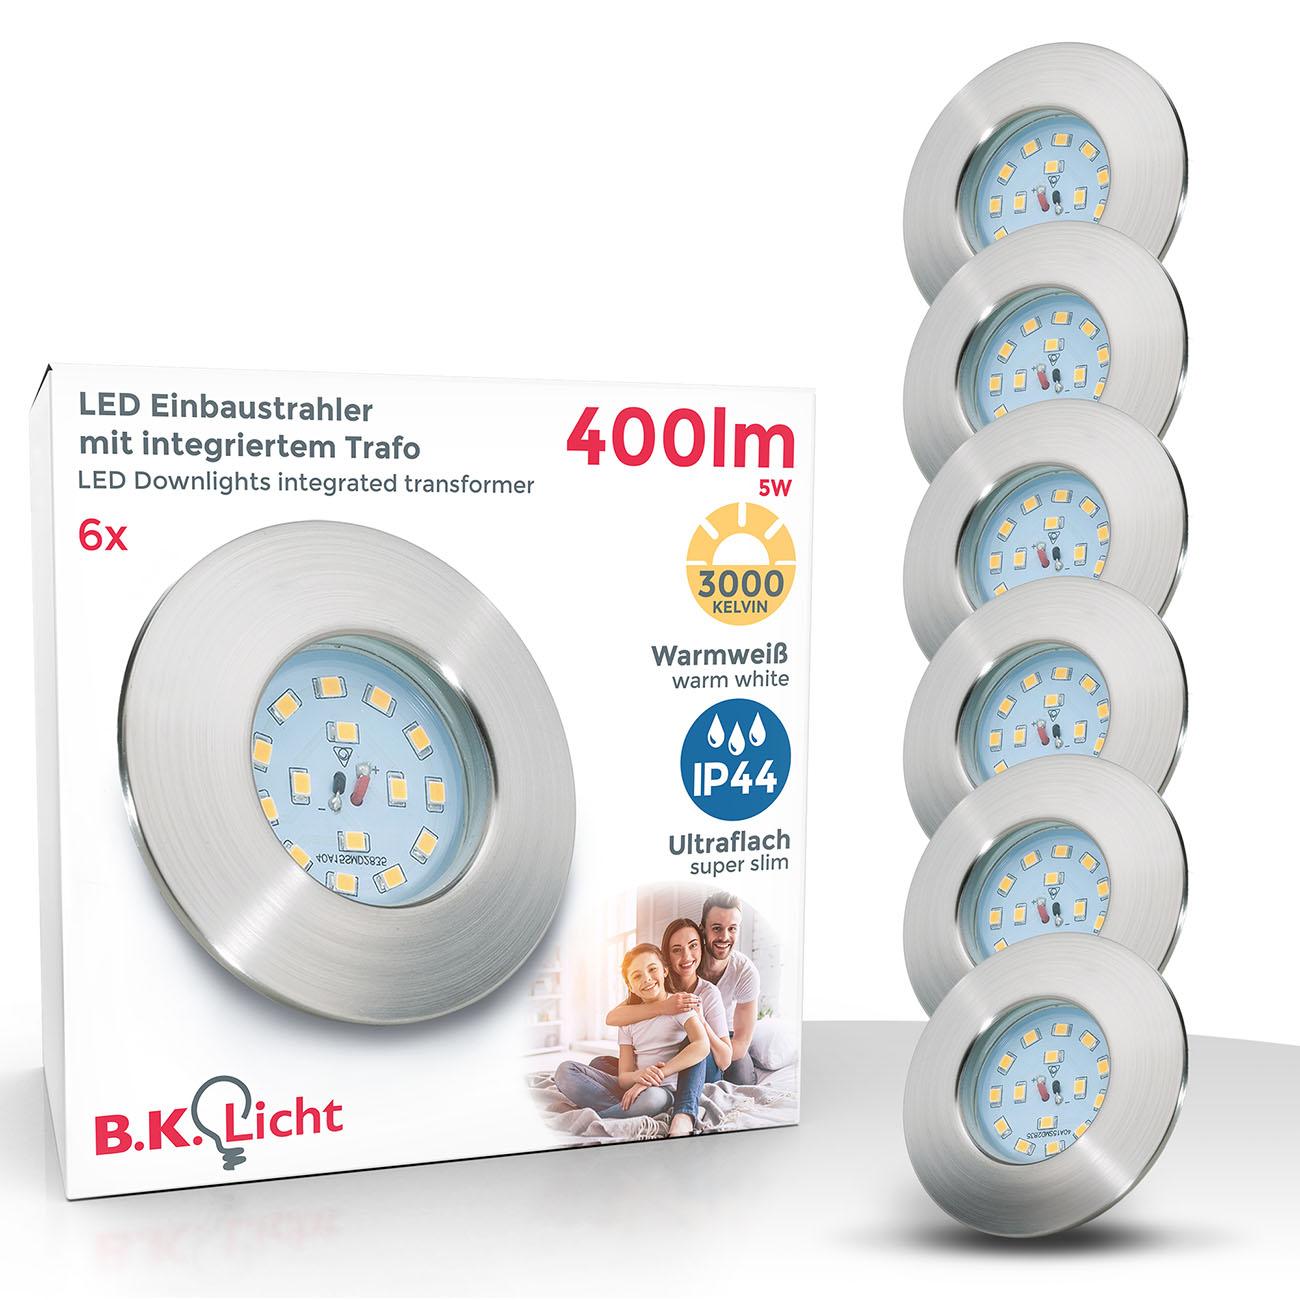 LED Einbaustrahler | Bad Einbauleuchte 6er SET | ultraflach 5W IP44